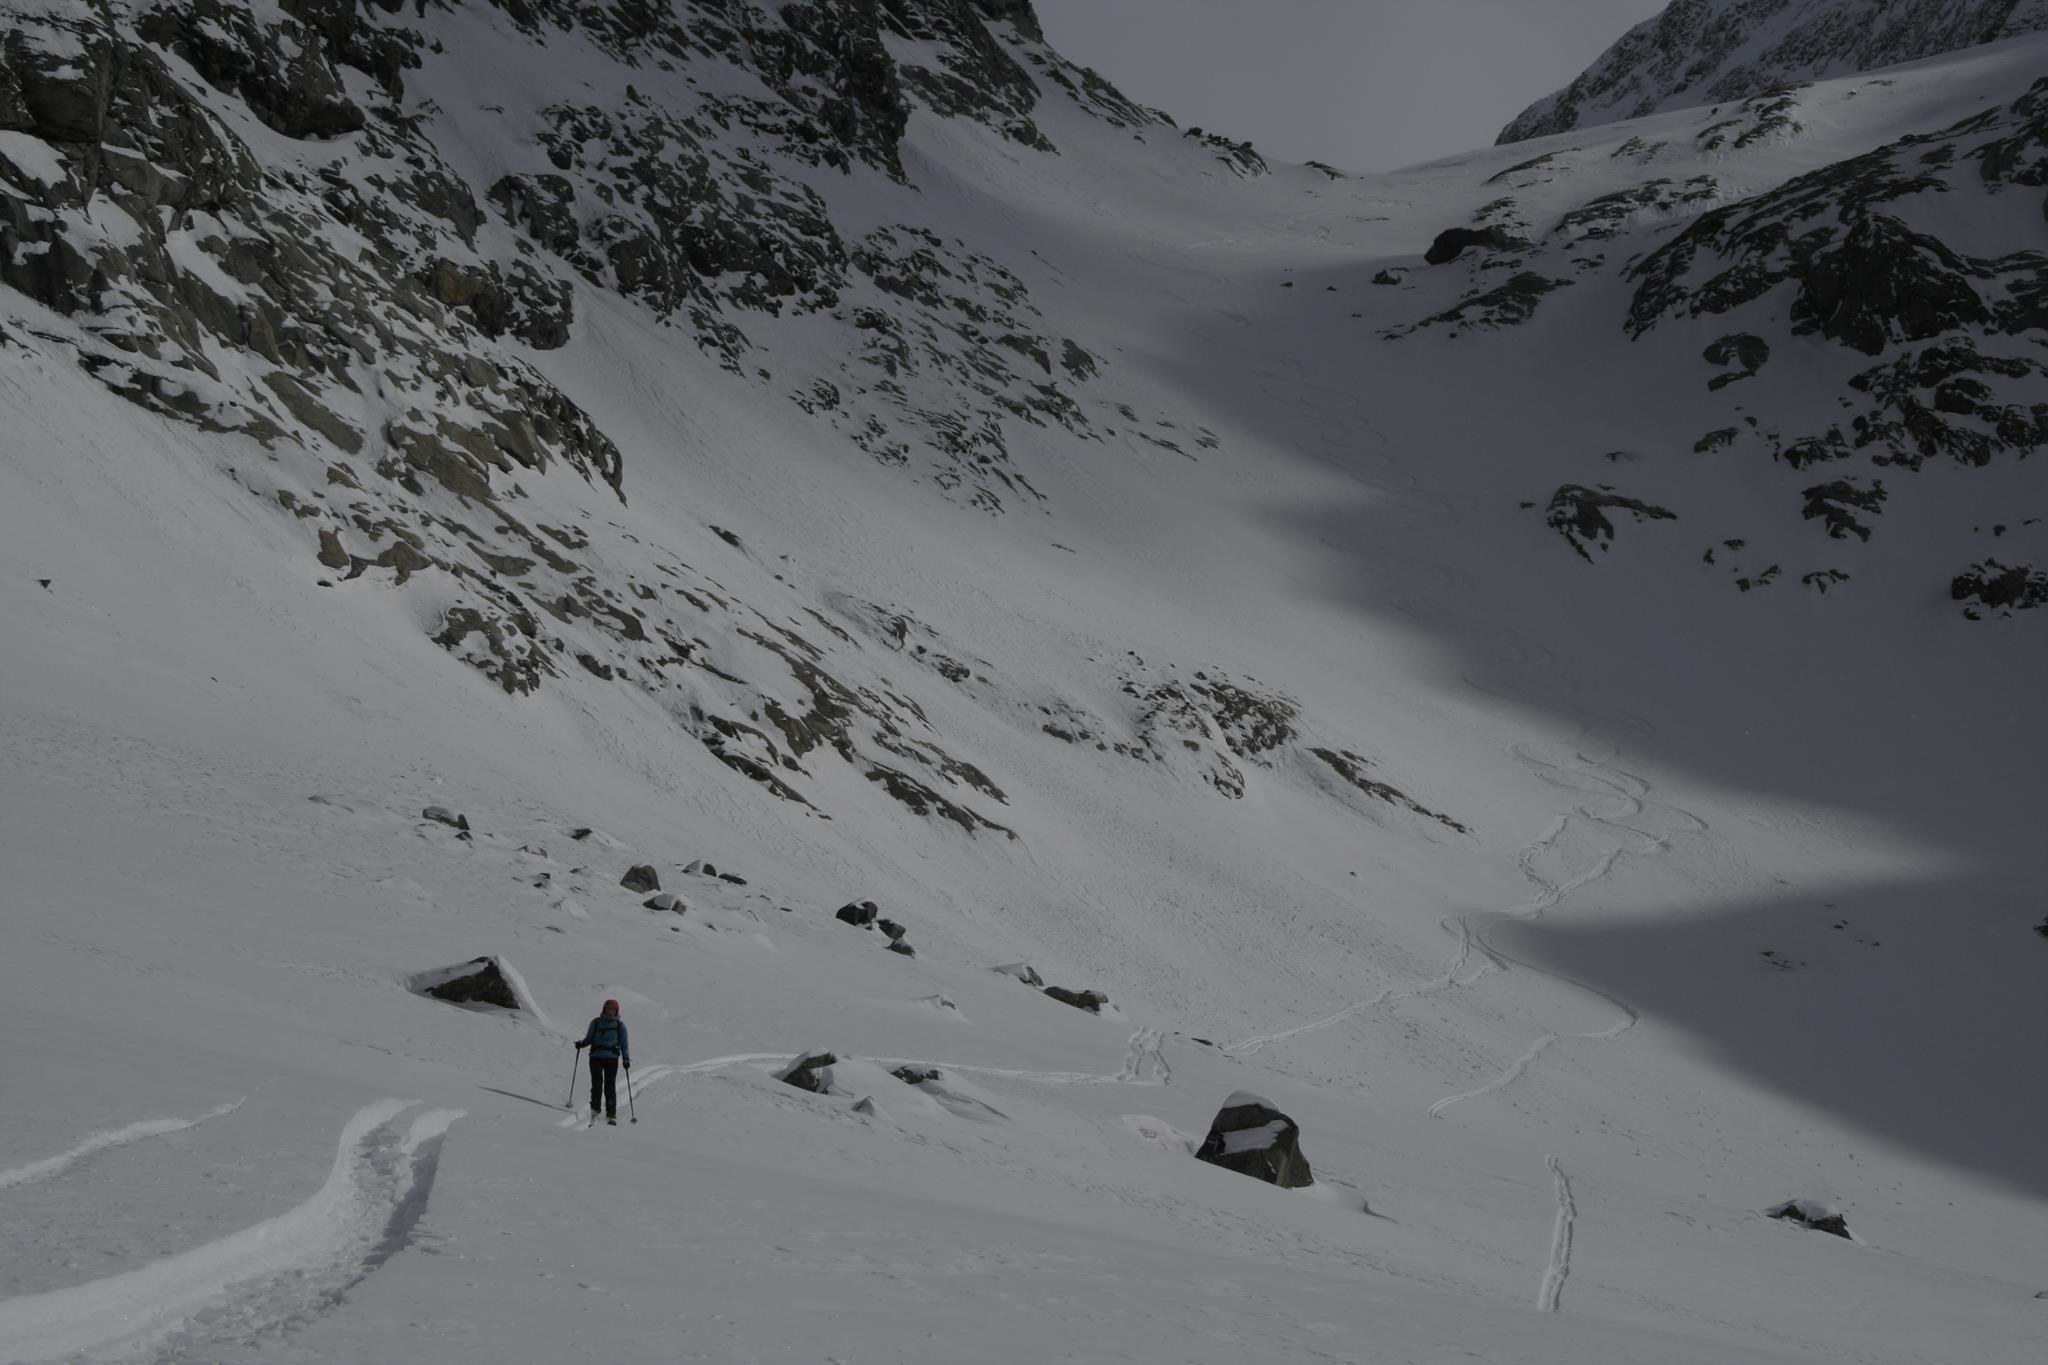 foto_spred_siedmych_rokov,_svah_v_pozadí_naplnený_snehom